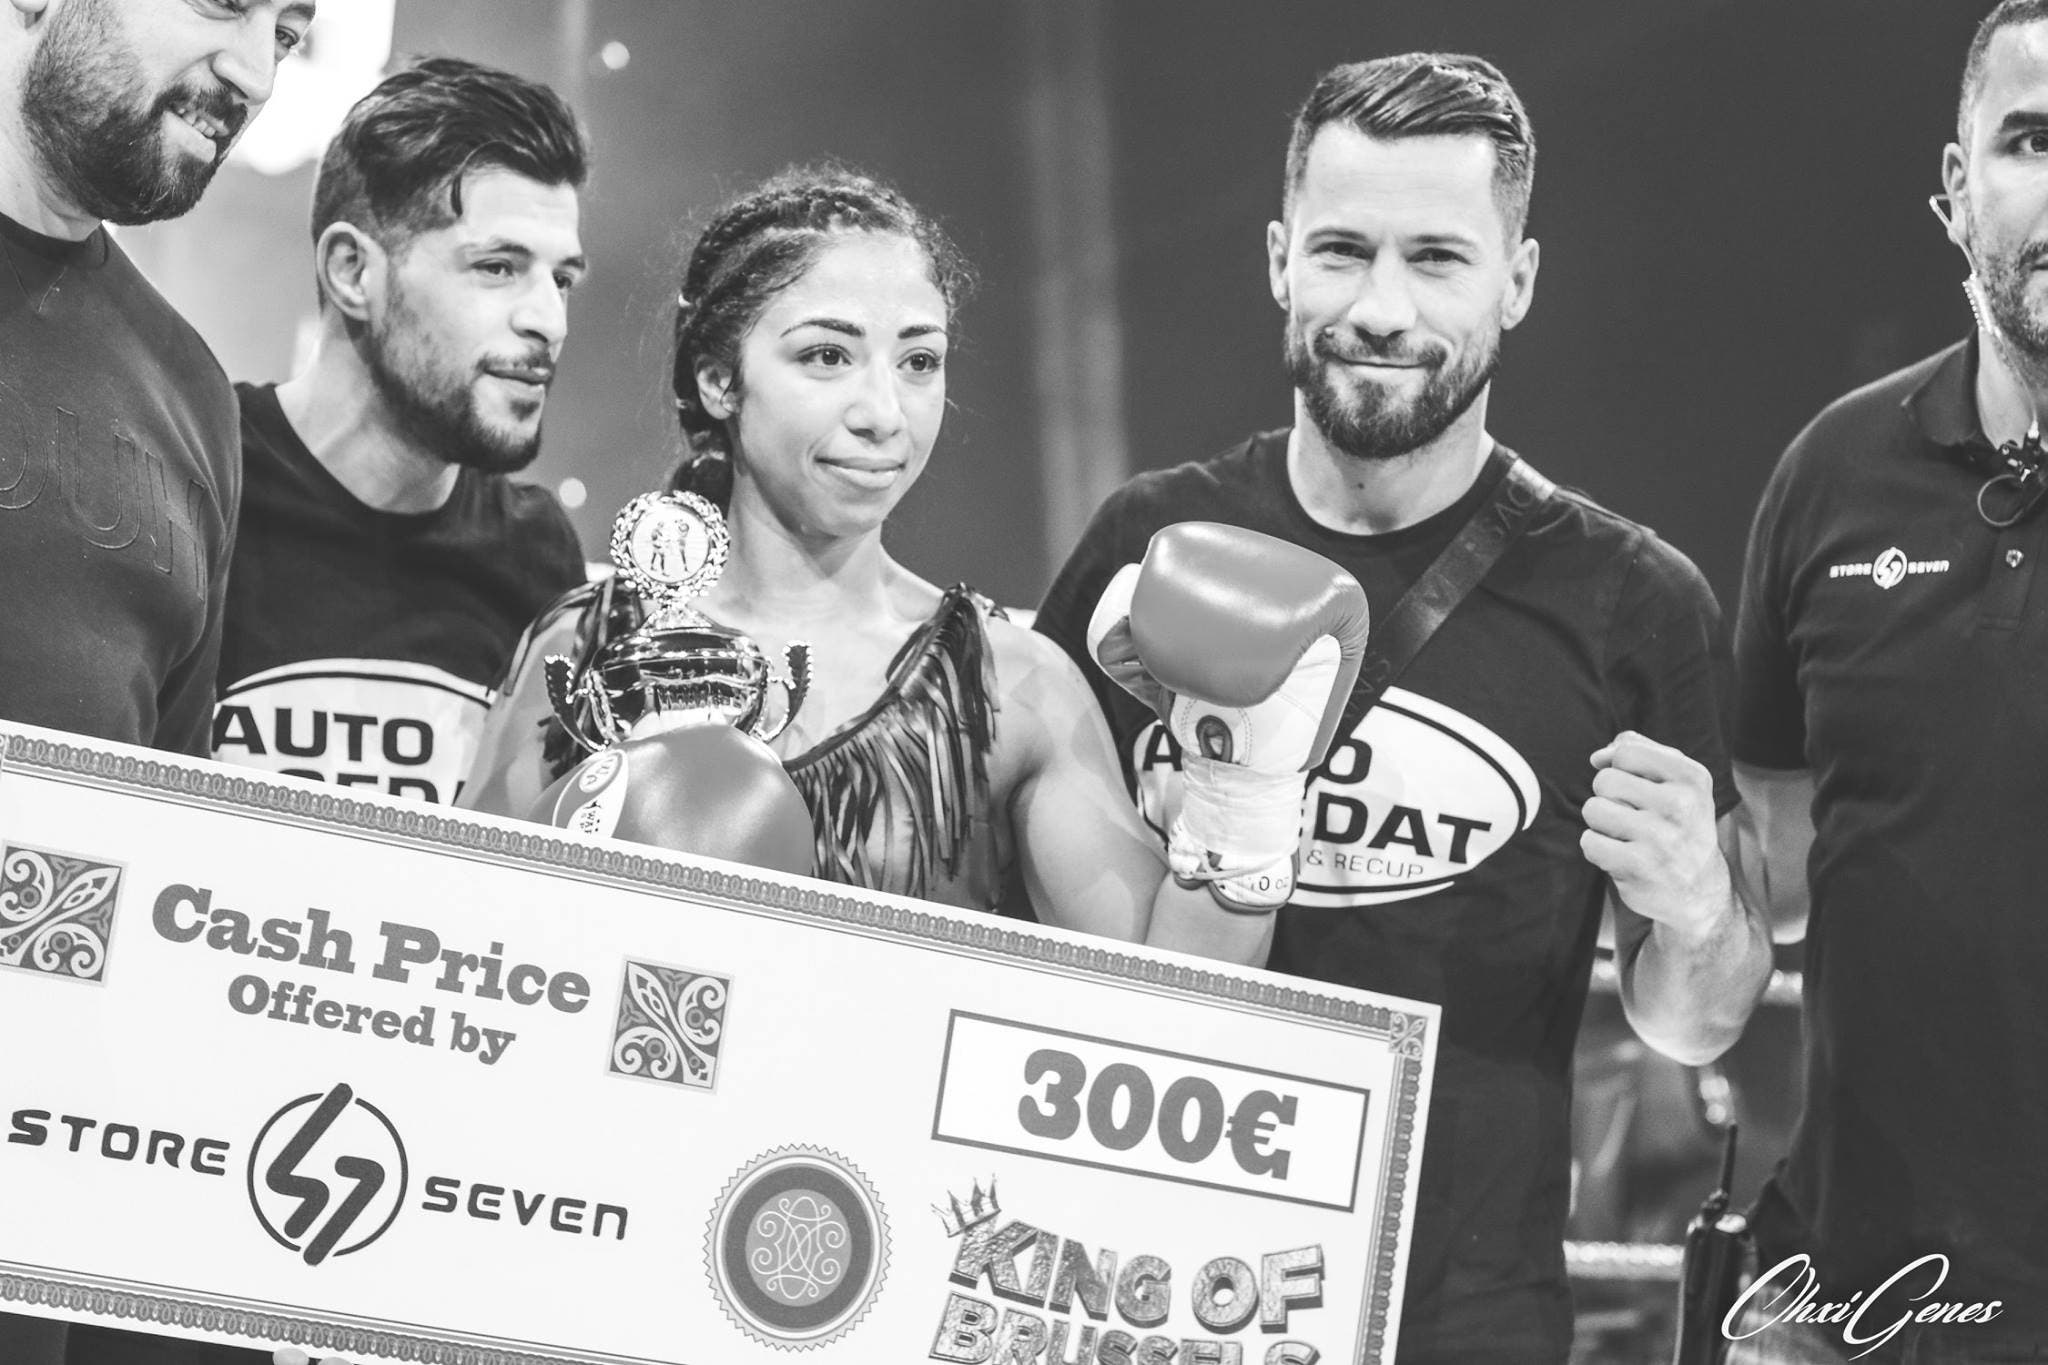 Belgian-Algerian Soumeya Sammoudi: Dance like a butterfly, sting like a bee